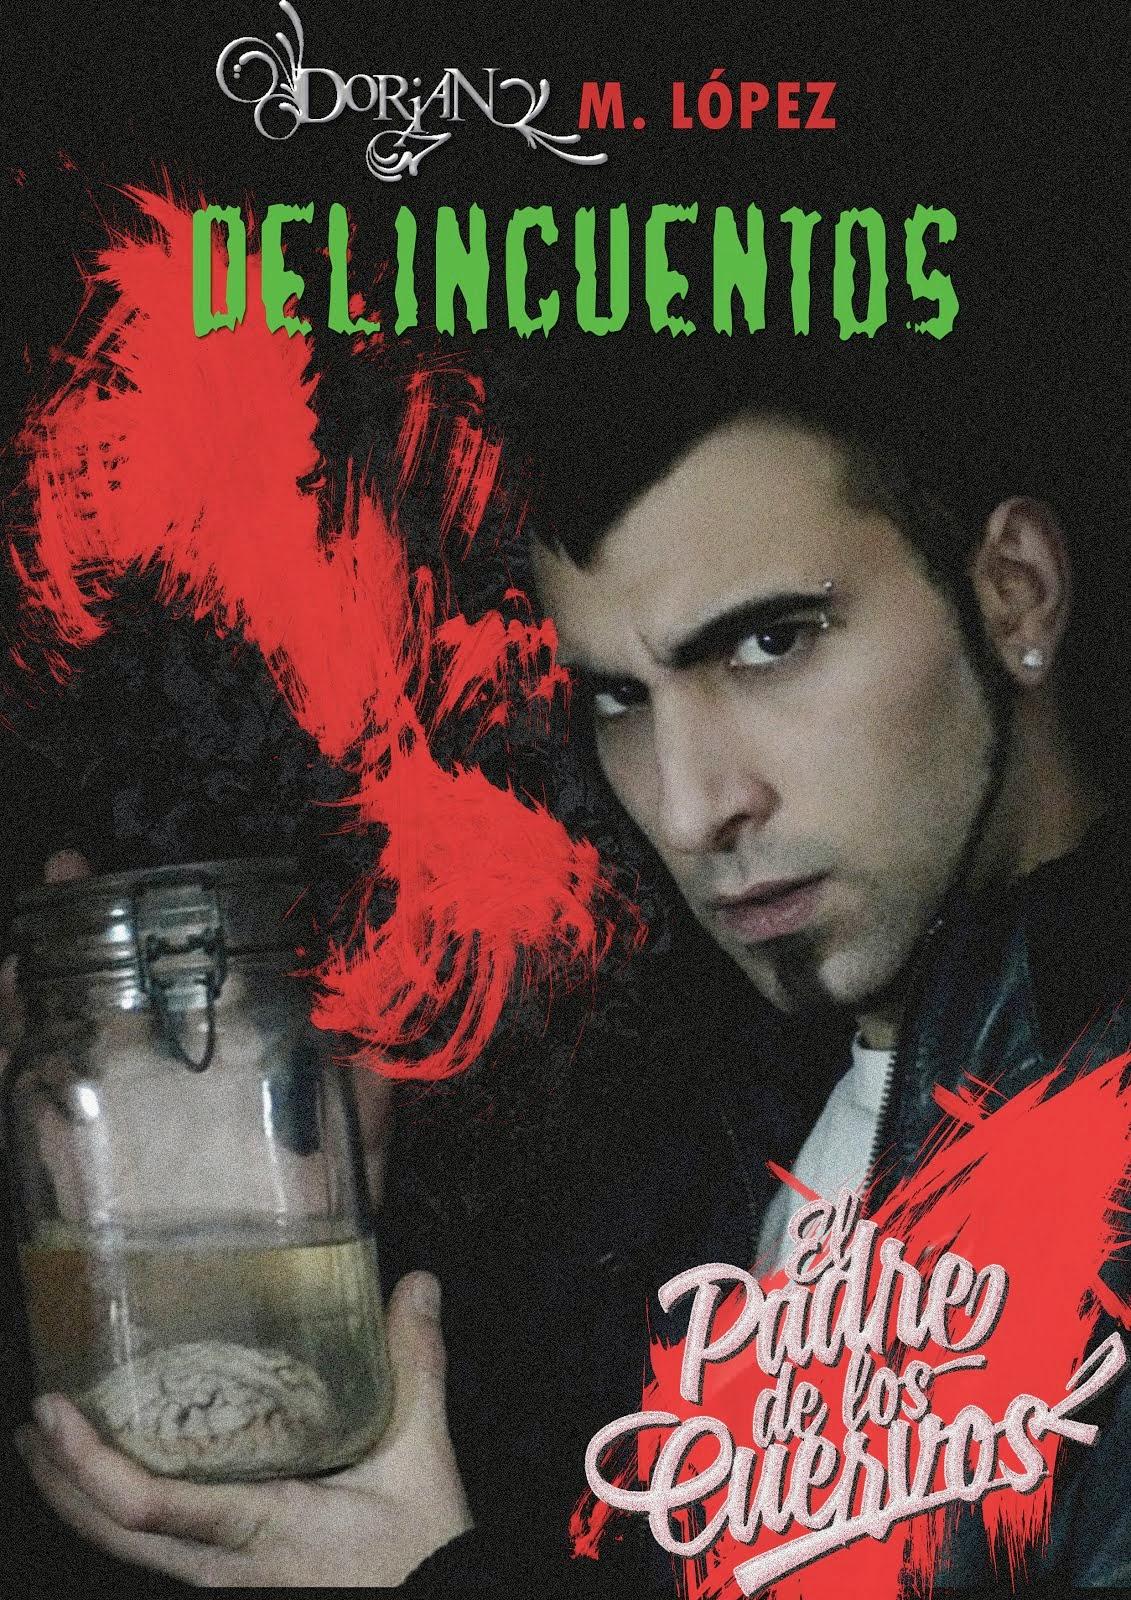 Libro '#Delincuentos'